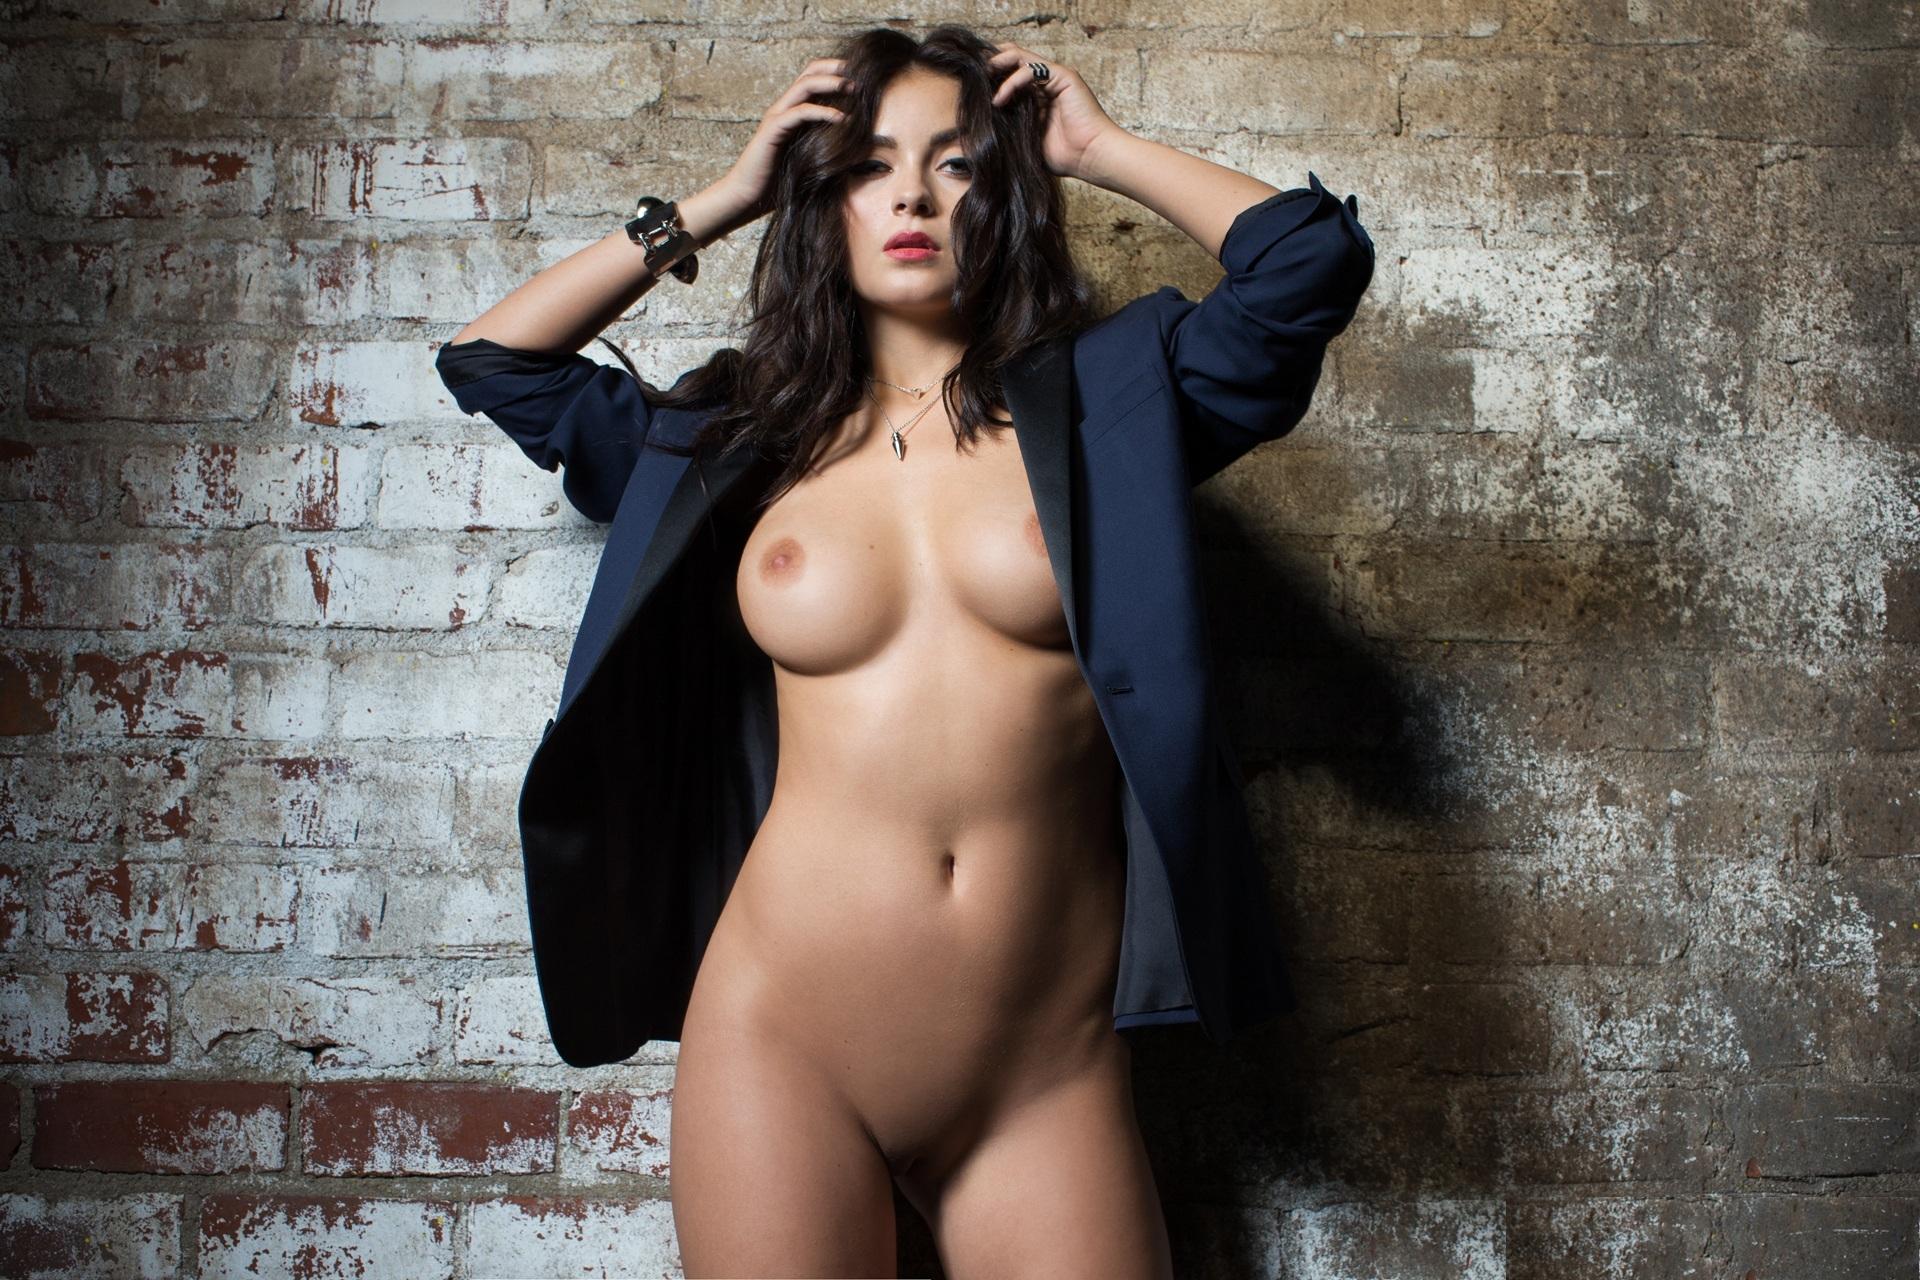 fotomodeli-eroticheskie-foto